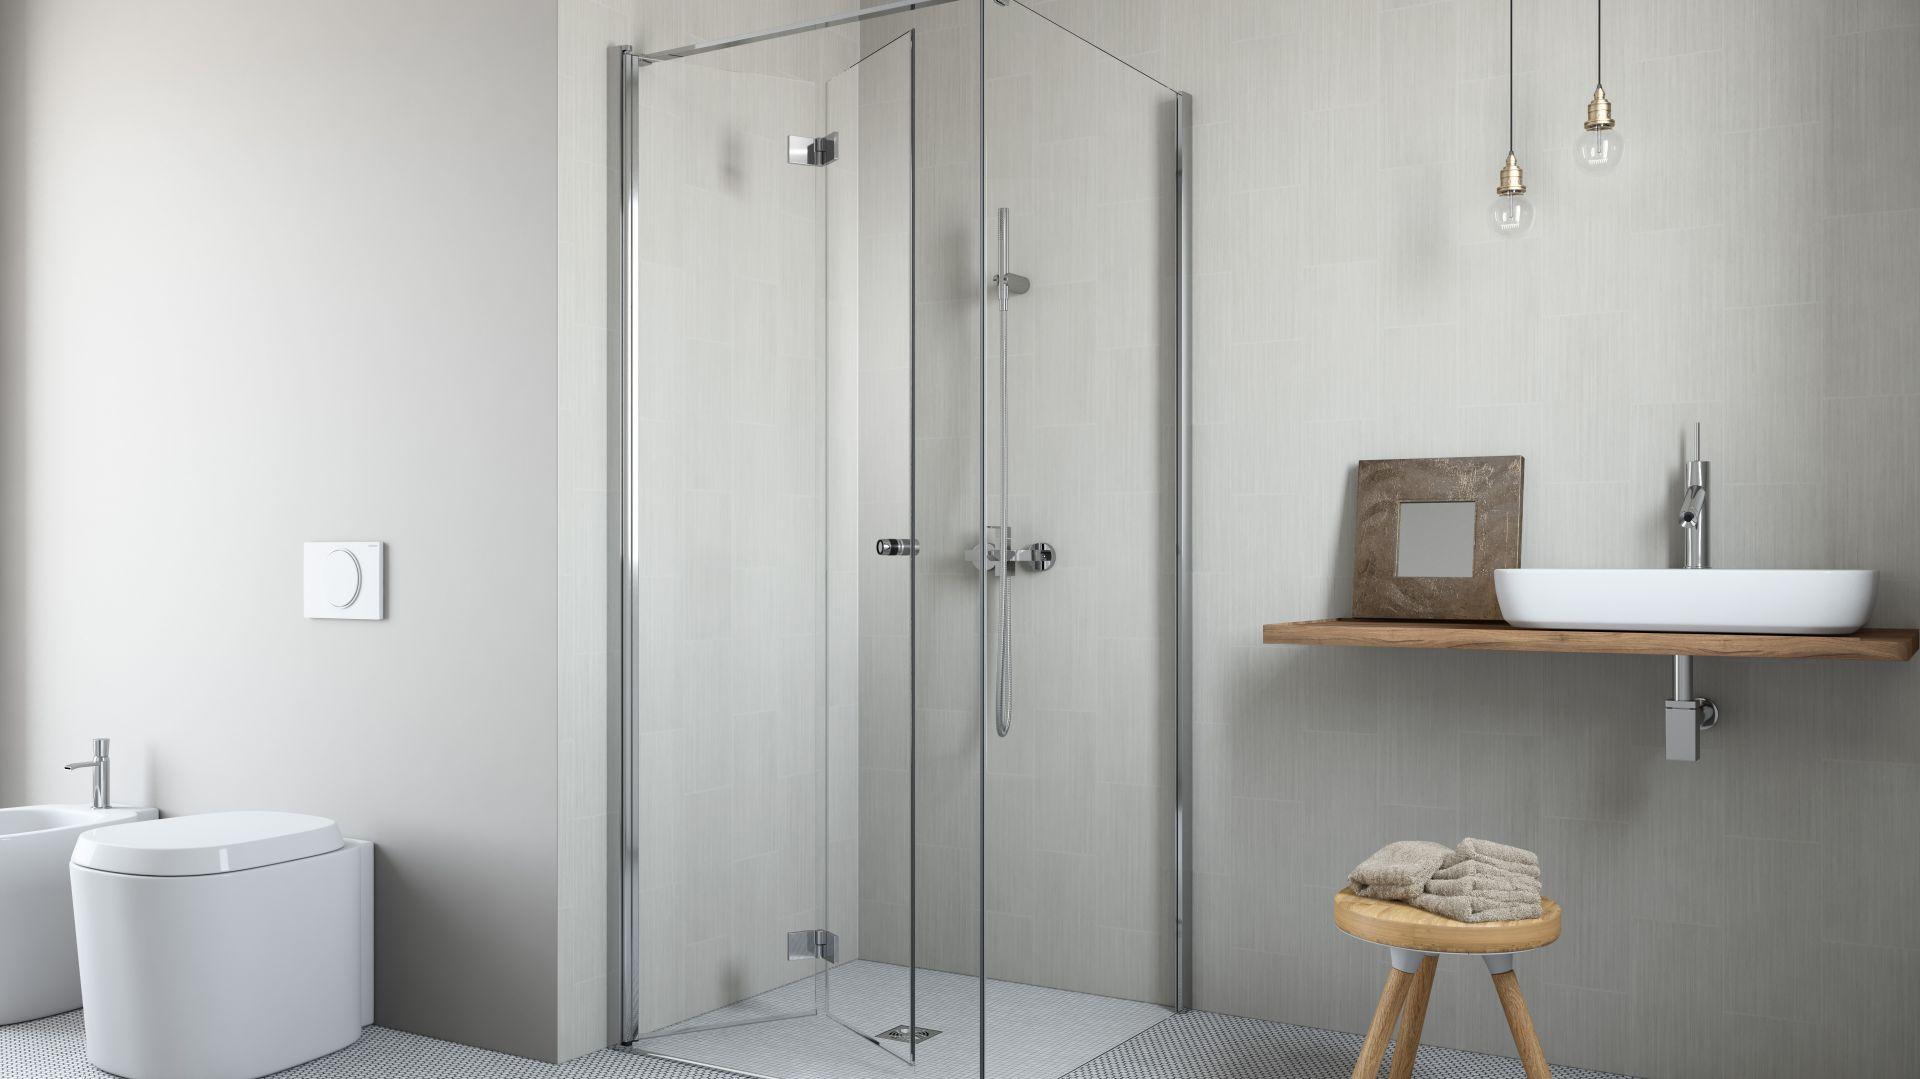 Drzwi kabiny Essenza KDJ B stworzonej z myślą o małych łazienkach składają się do środka podczas otwierania; uchwyty z tworzywa pełnią rolę odbojników. Fot. Radaway